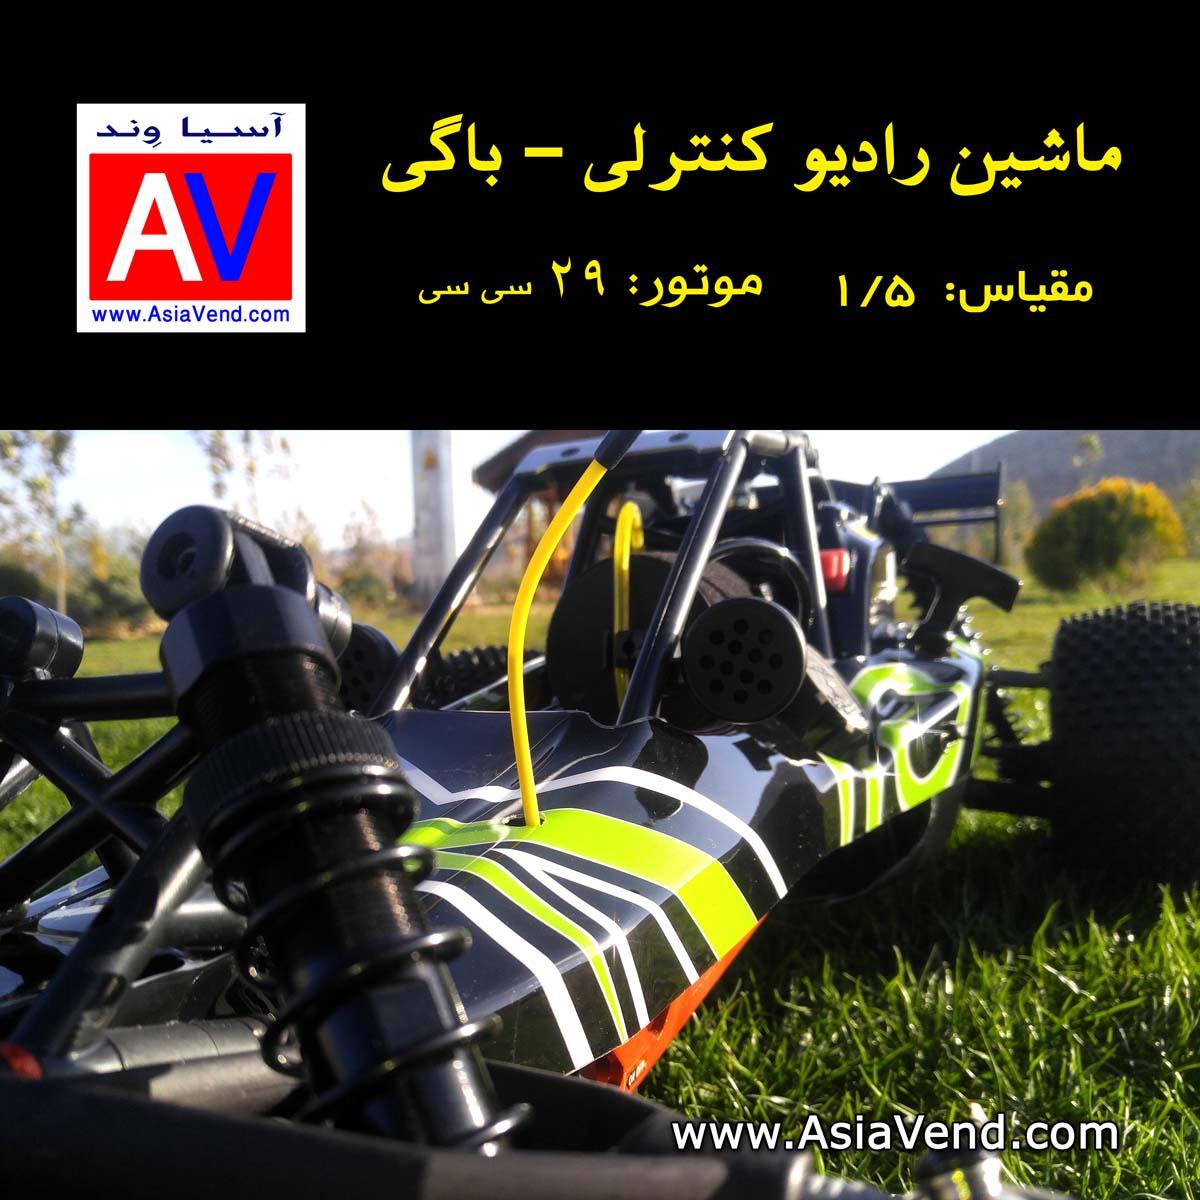 ماشین کنترلی Rovan Sport 290 ماشین رادیو کنترلی بنزینی آفرود BAJA RC CAR